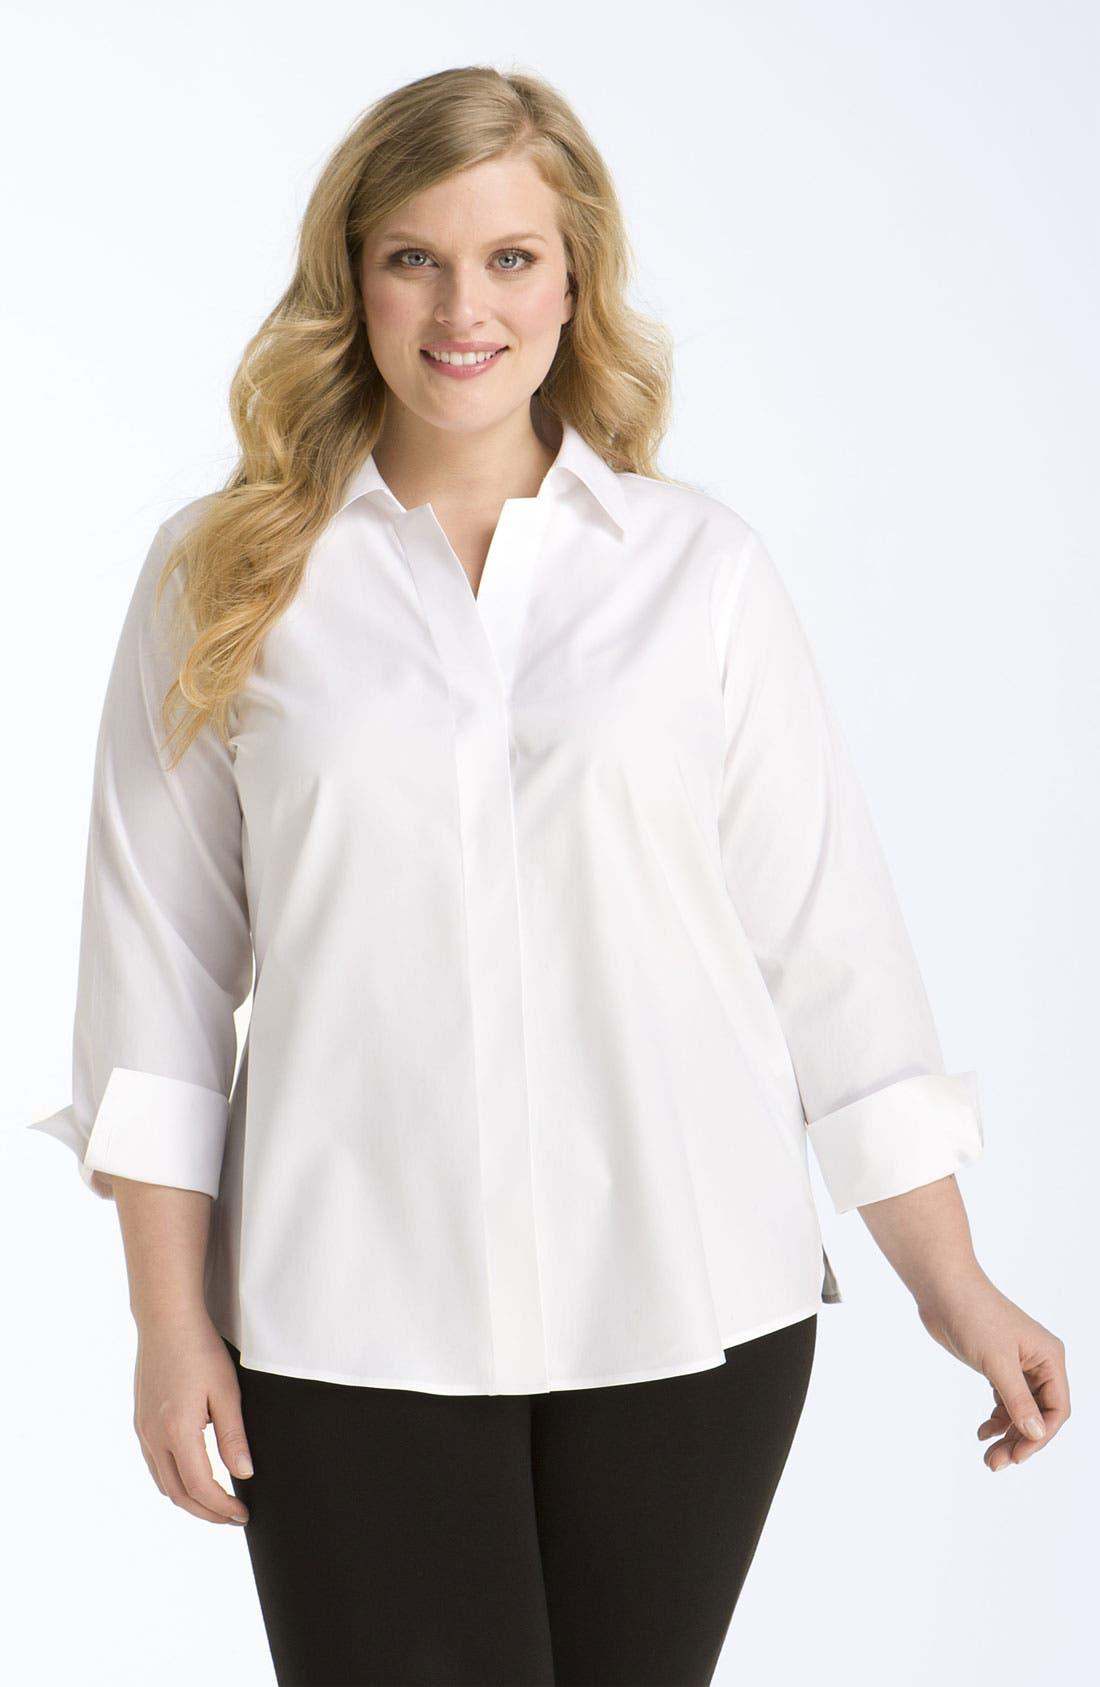 Alternate Image 1 Selected - Foxcroft Wrinkle Free Shaped Shirt (Plus Size)